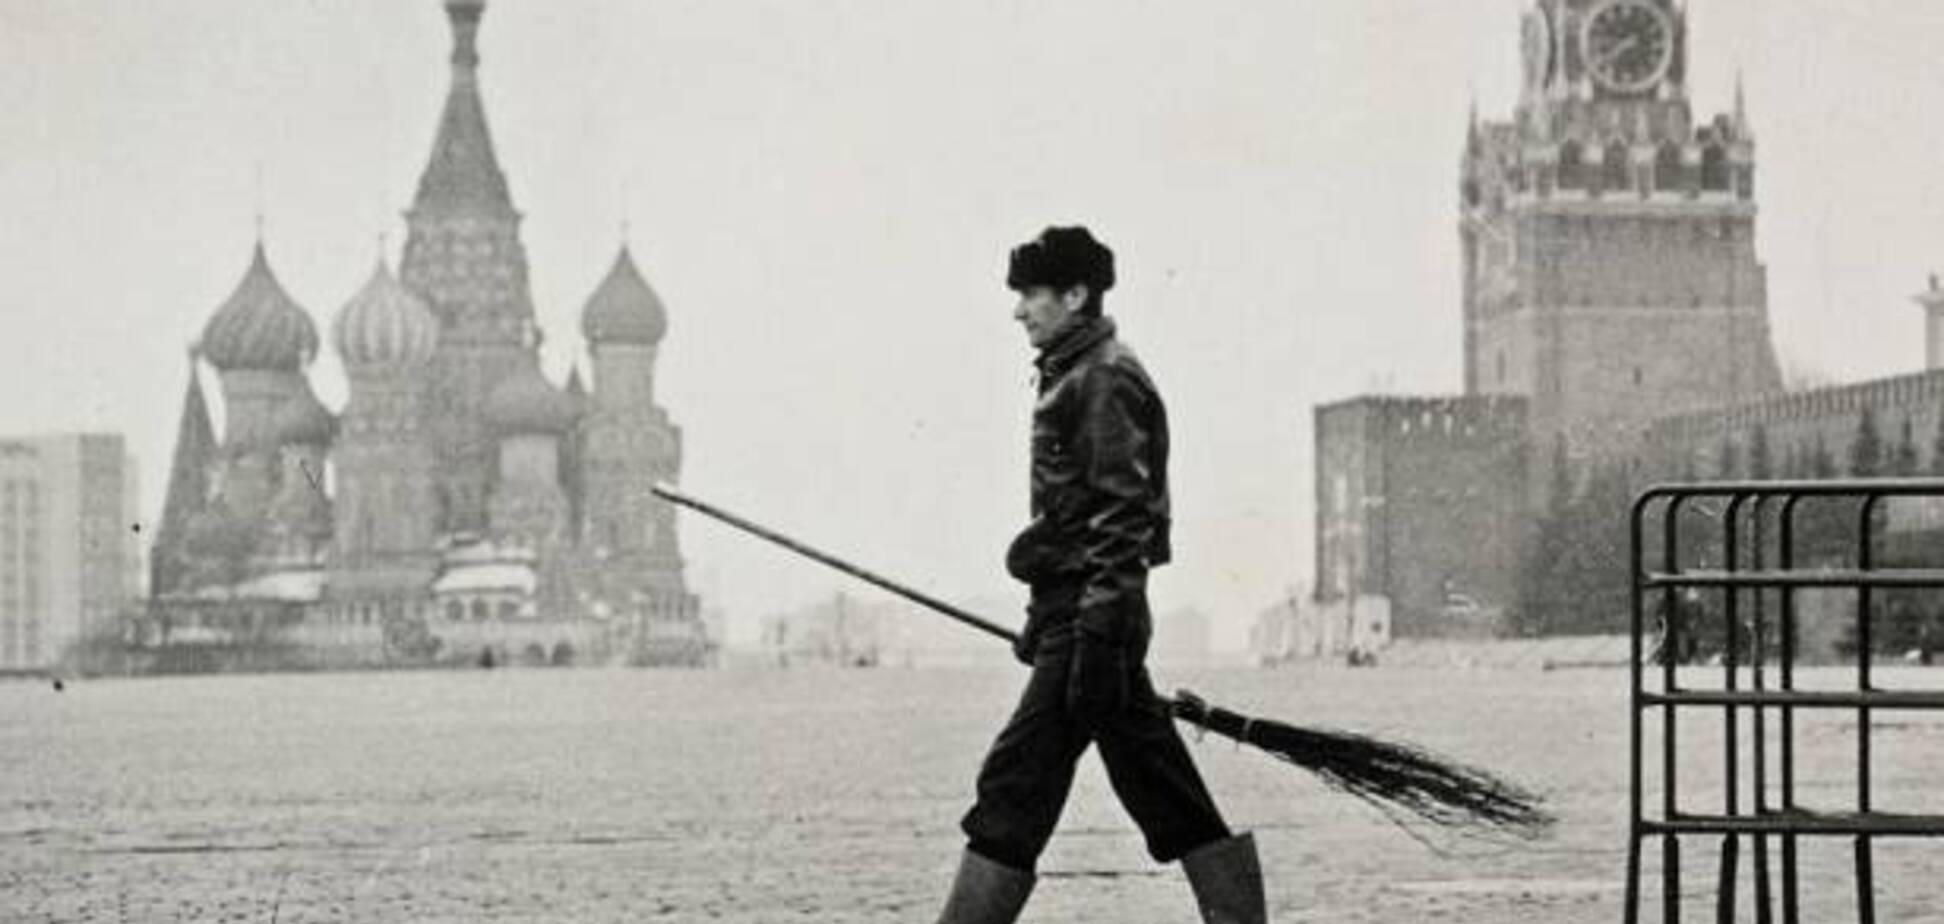 ТОП найбільш непрестижних чоловічих професій в СРСР